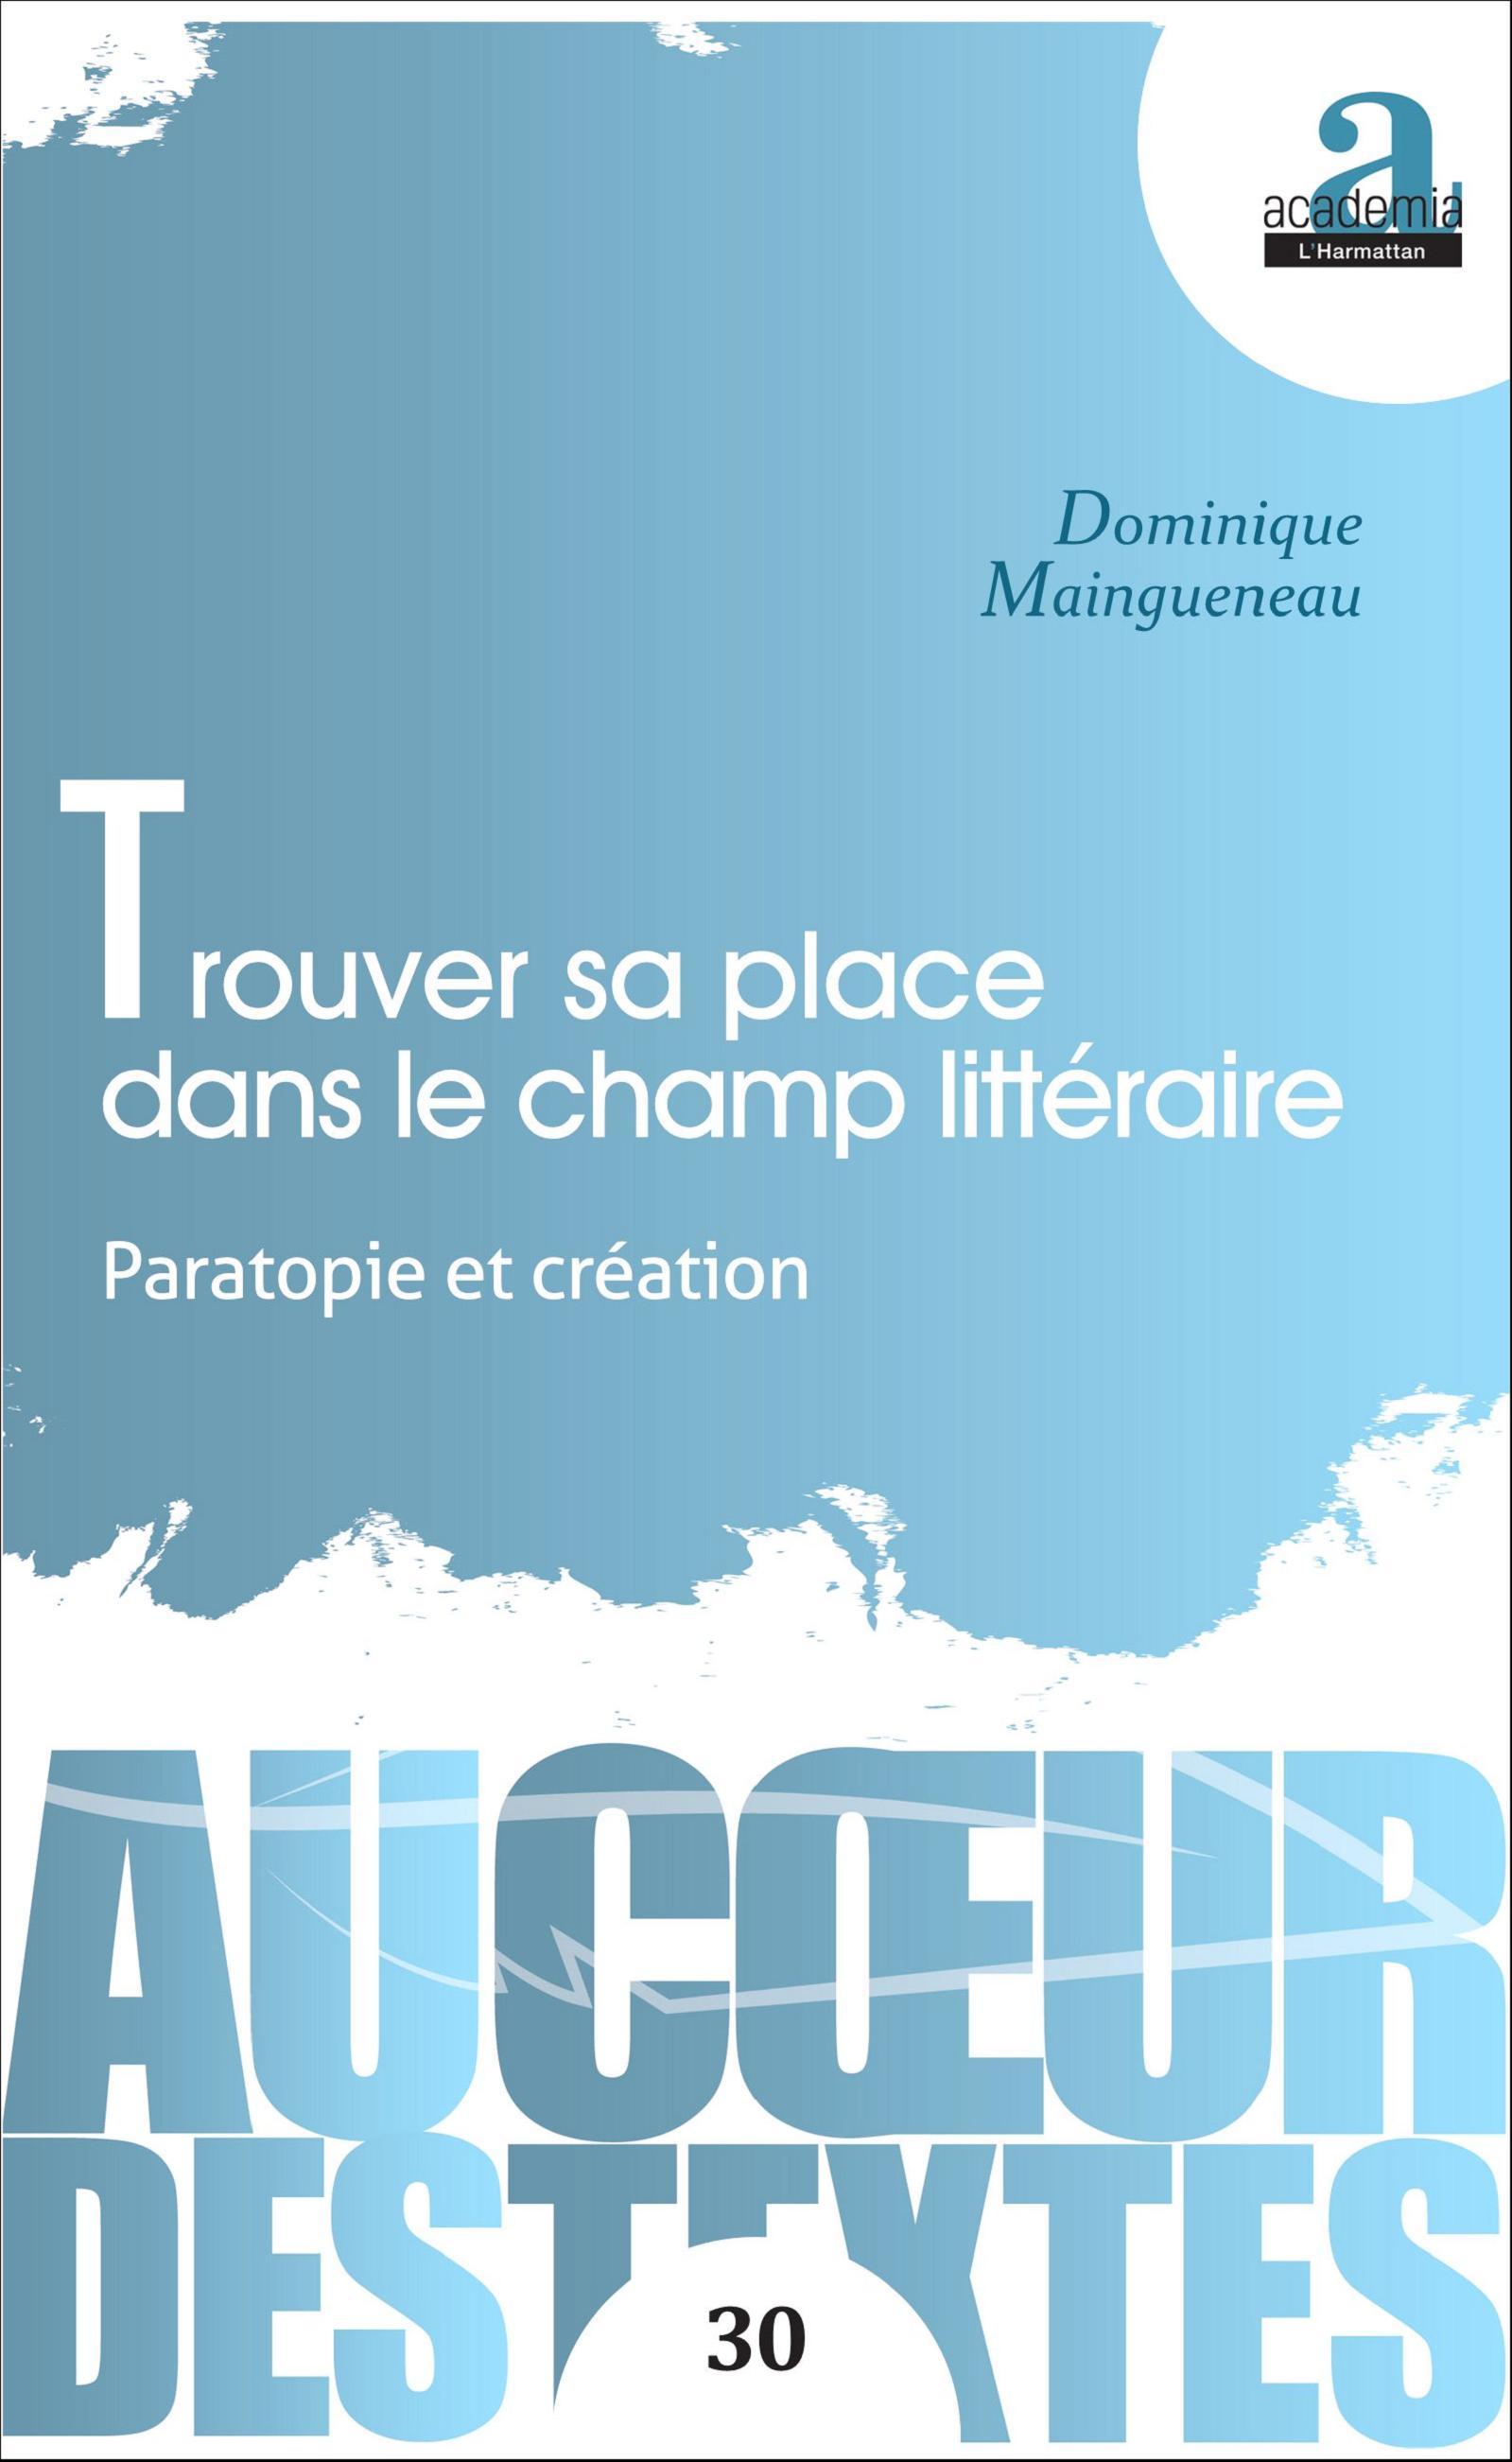 D. Maingueneau, Trouver sa place dans le champ littéraire. Paratopie et création